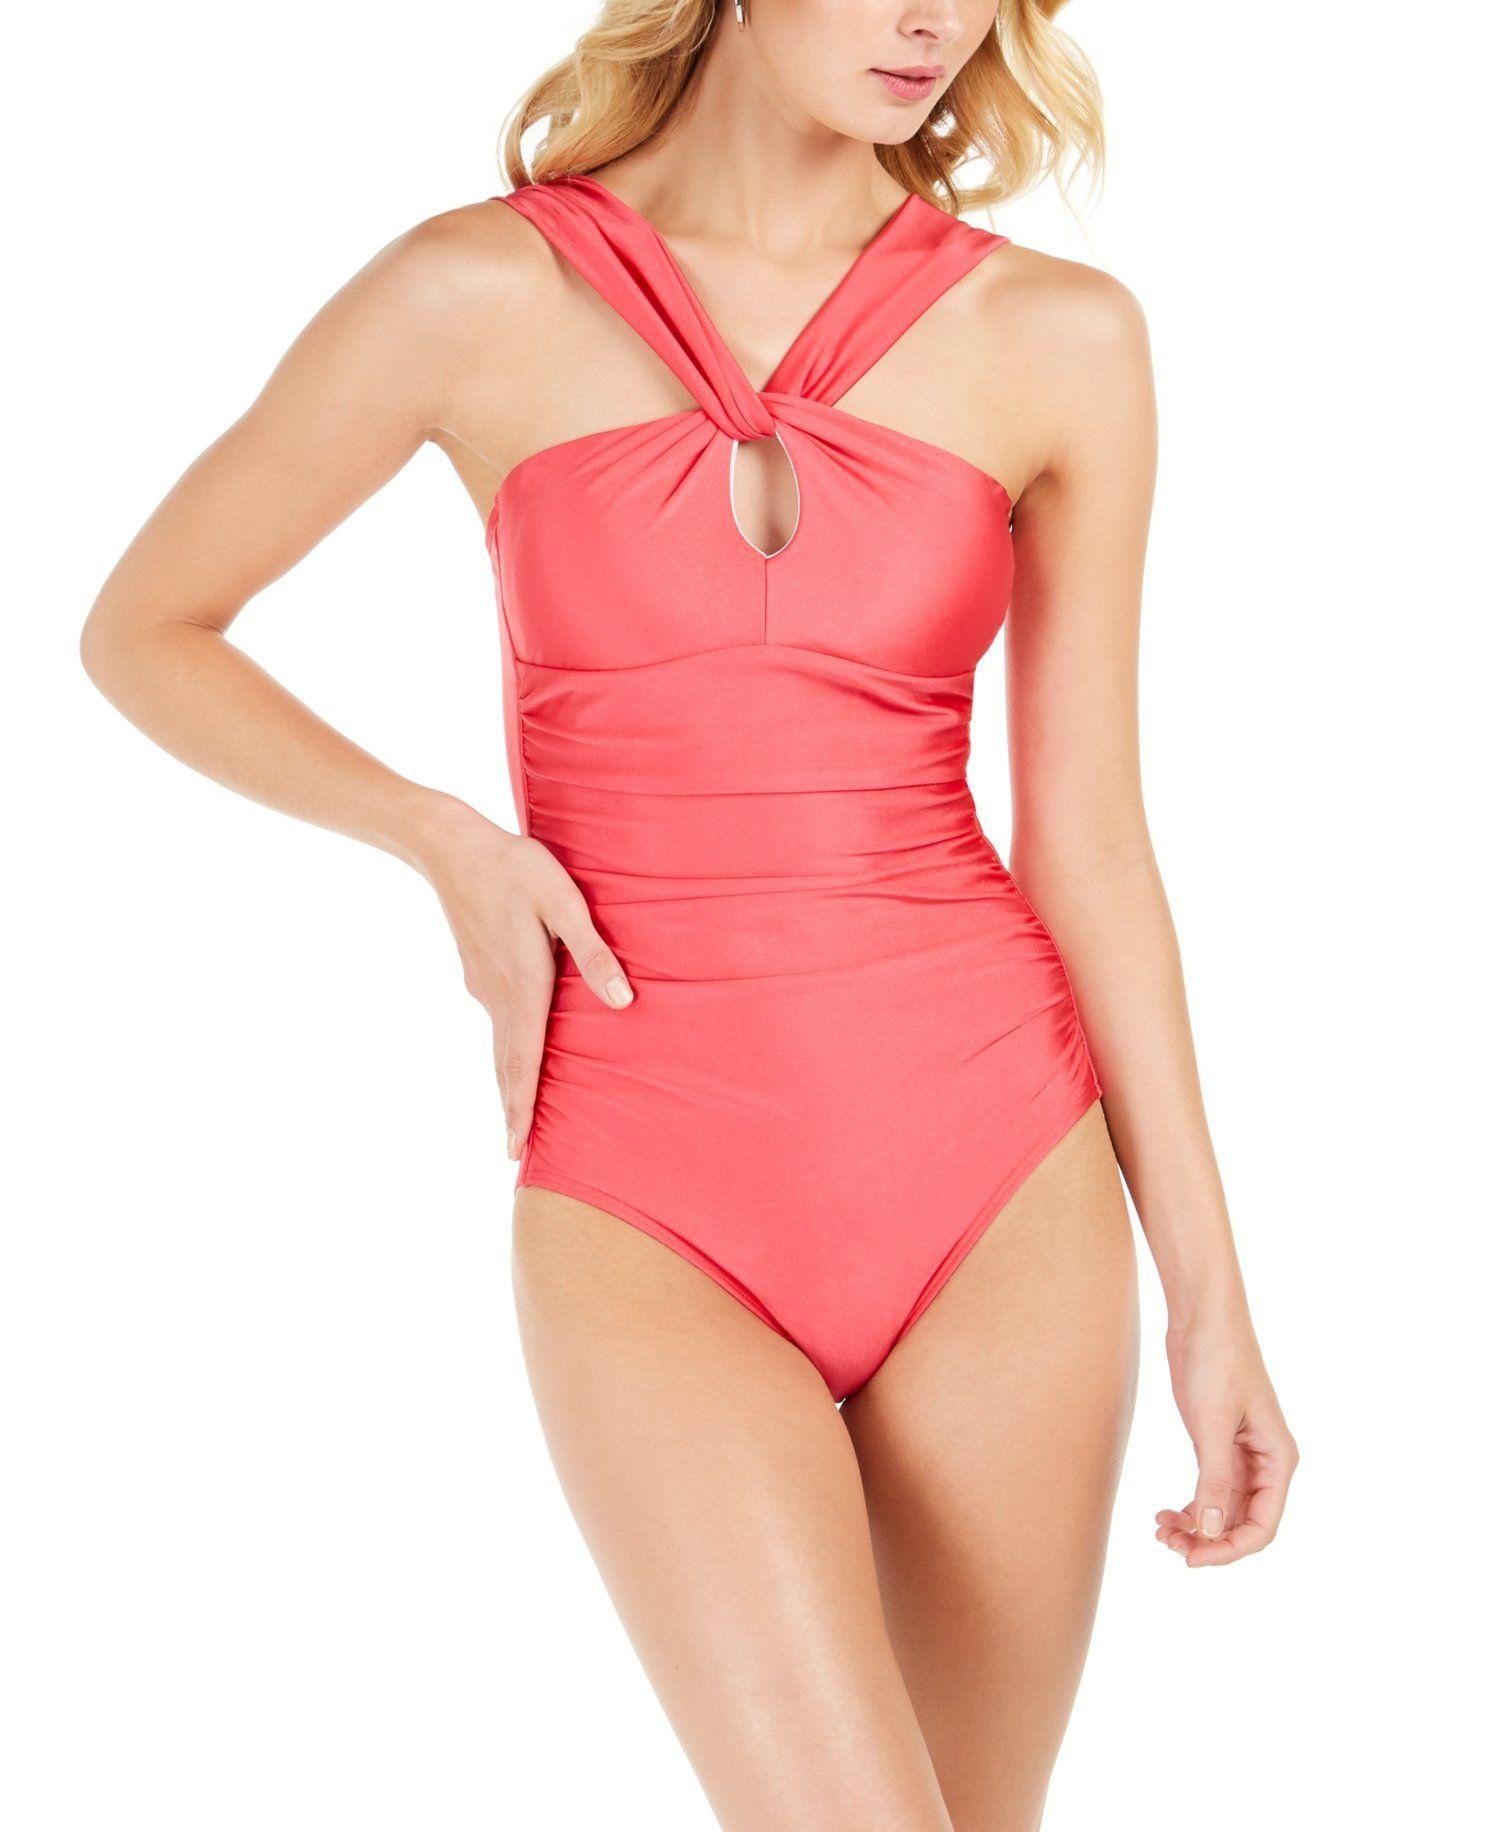 Calvin Klein Santorini Convertible One Piece Swimsuit Pink 12 In 2021 Women Swimsuits One Piece Swimsuits